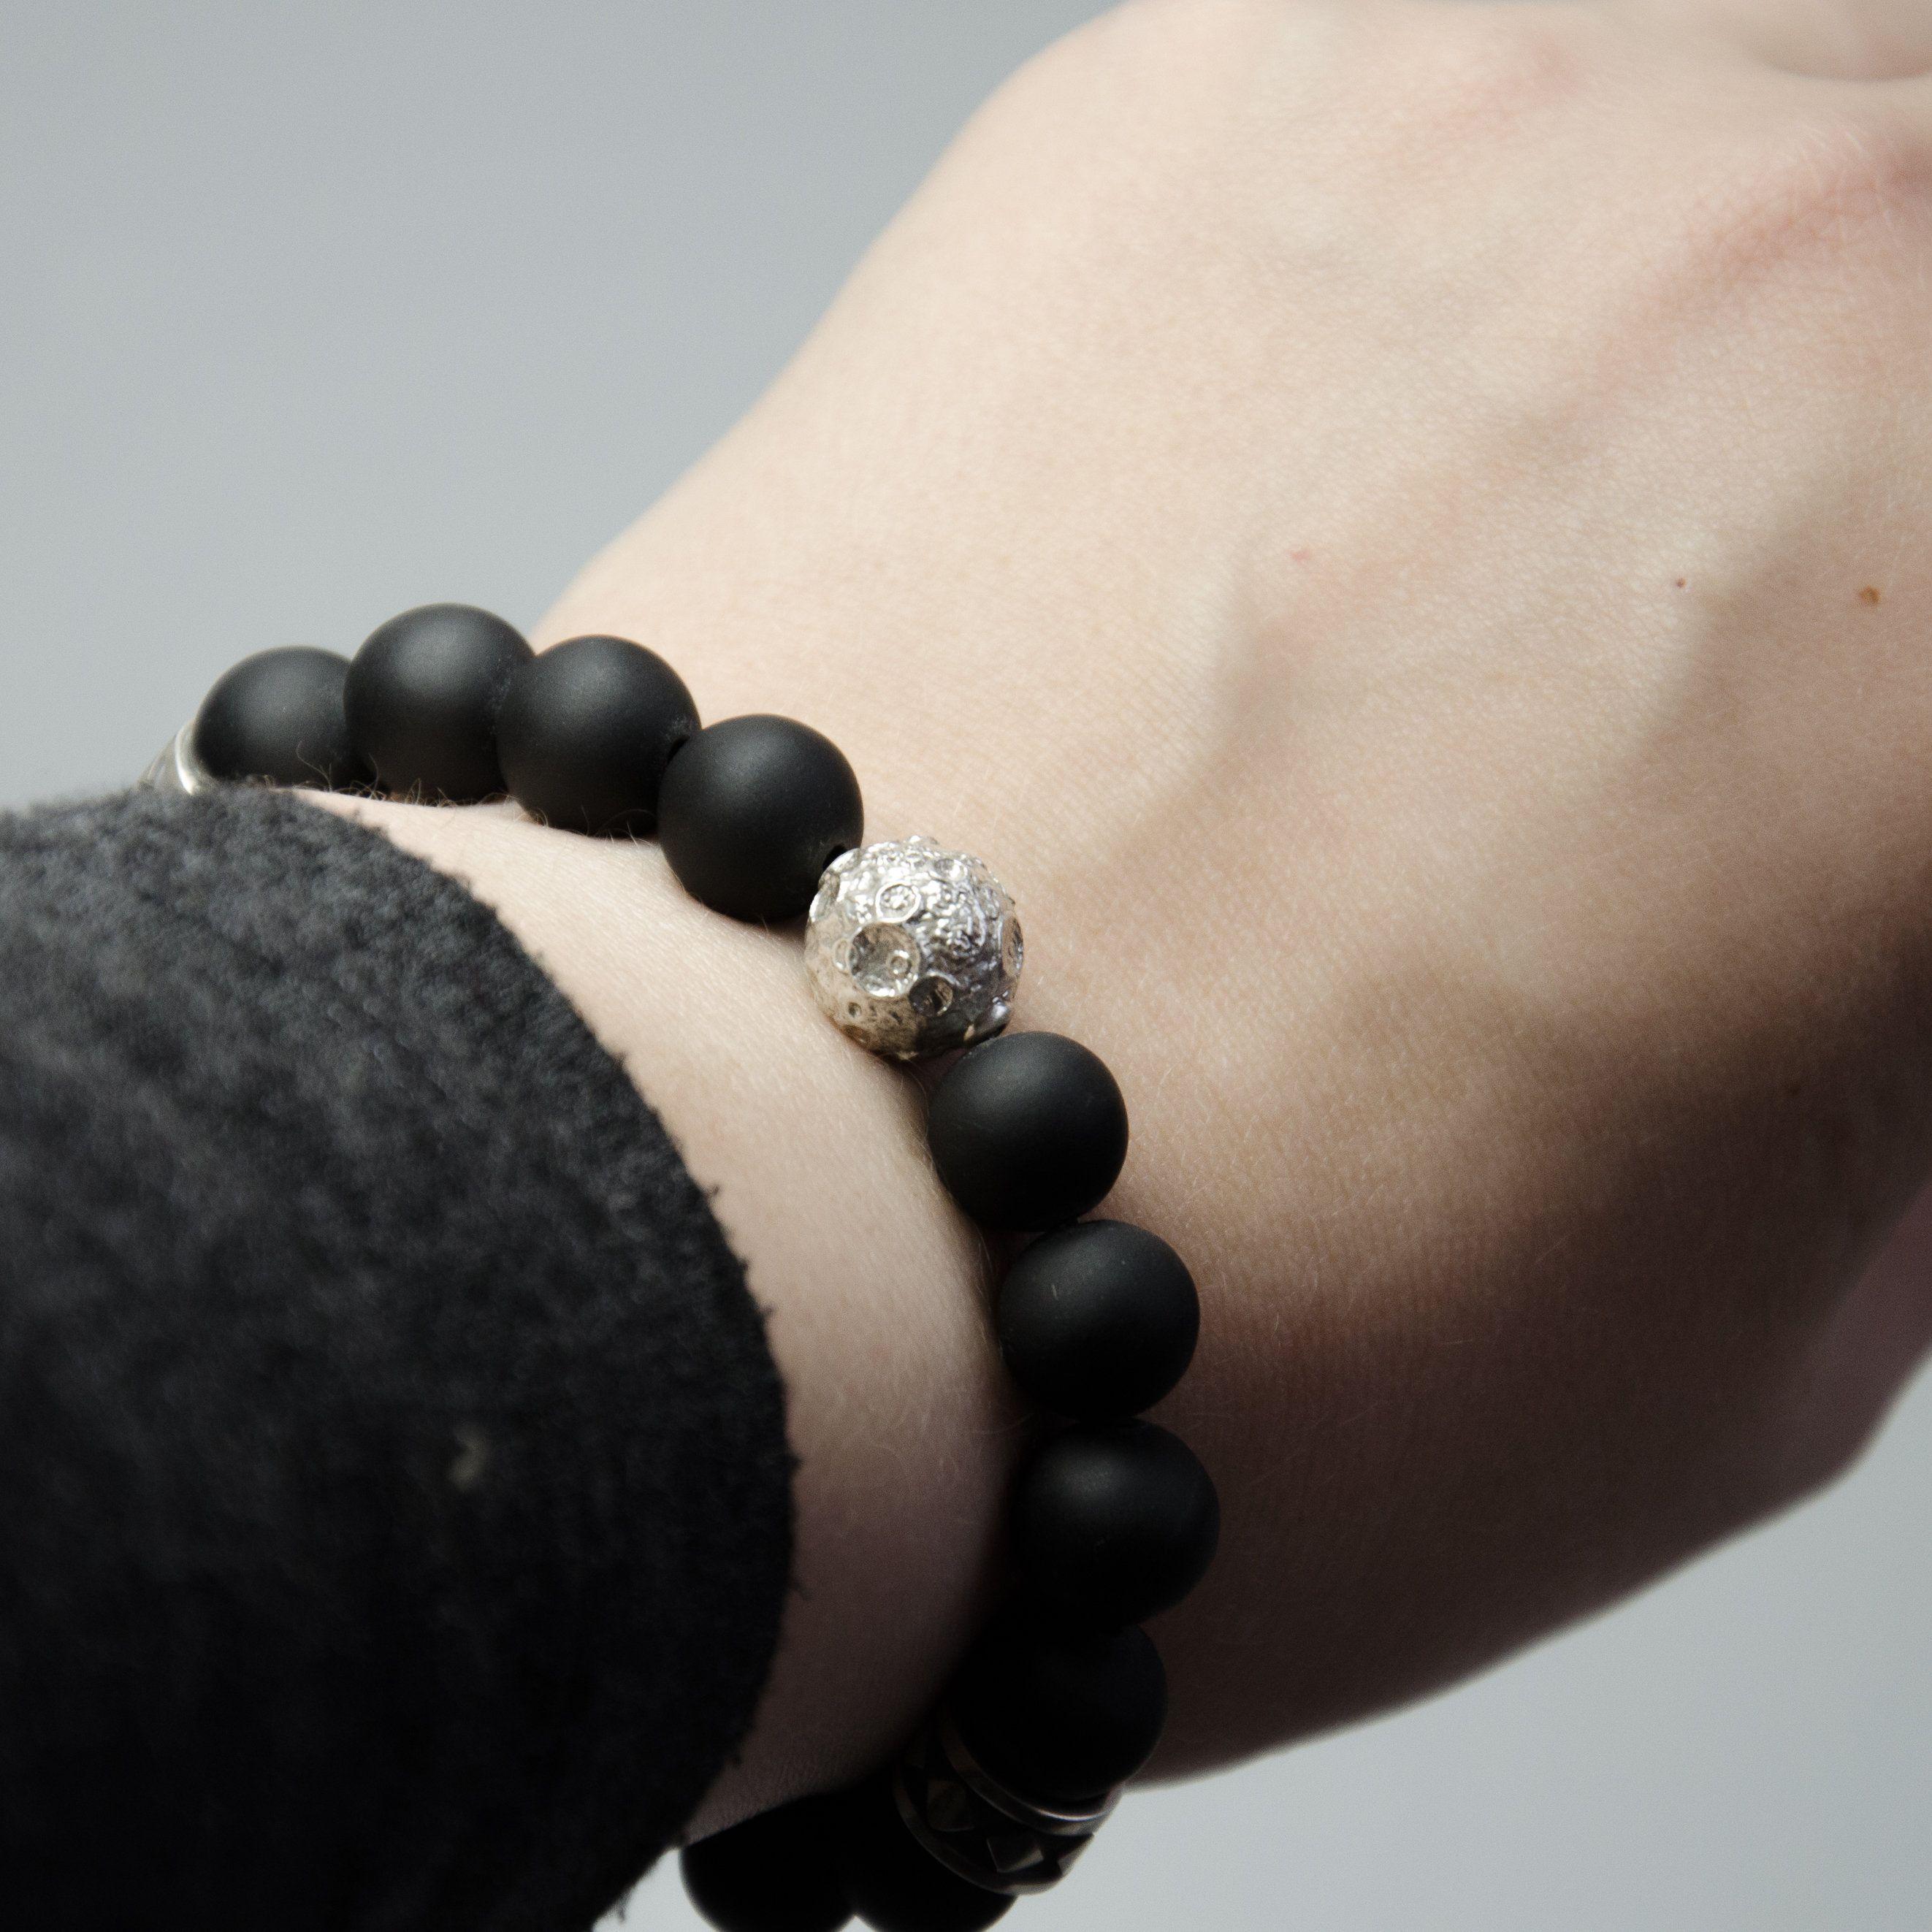 Silver moon bracelet man black matte bracelet shungite bracelet